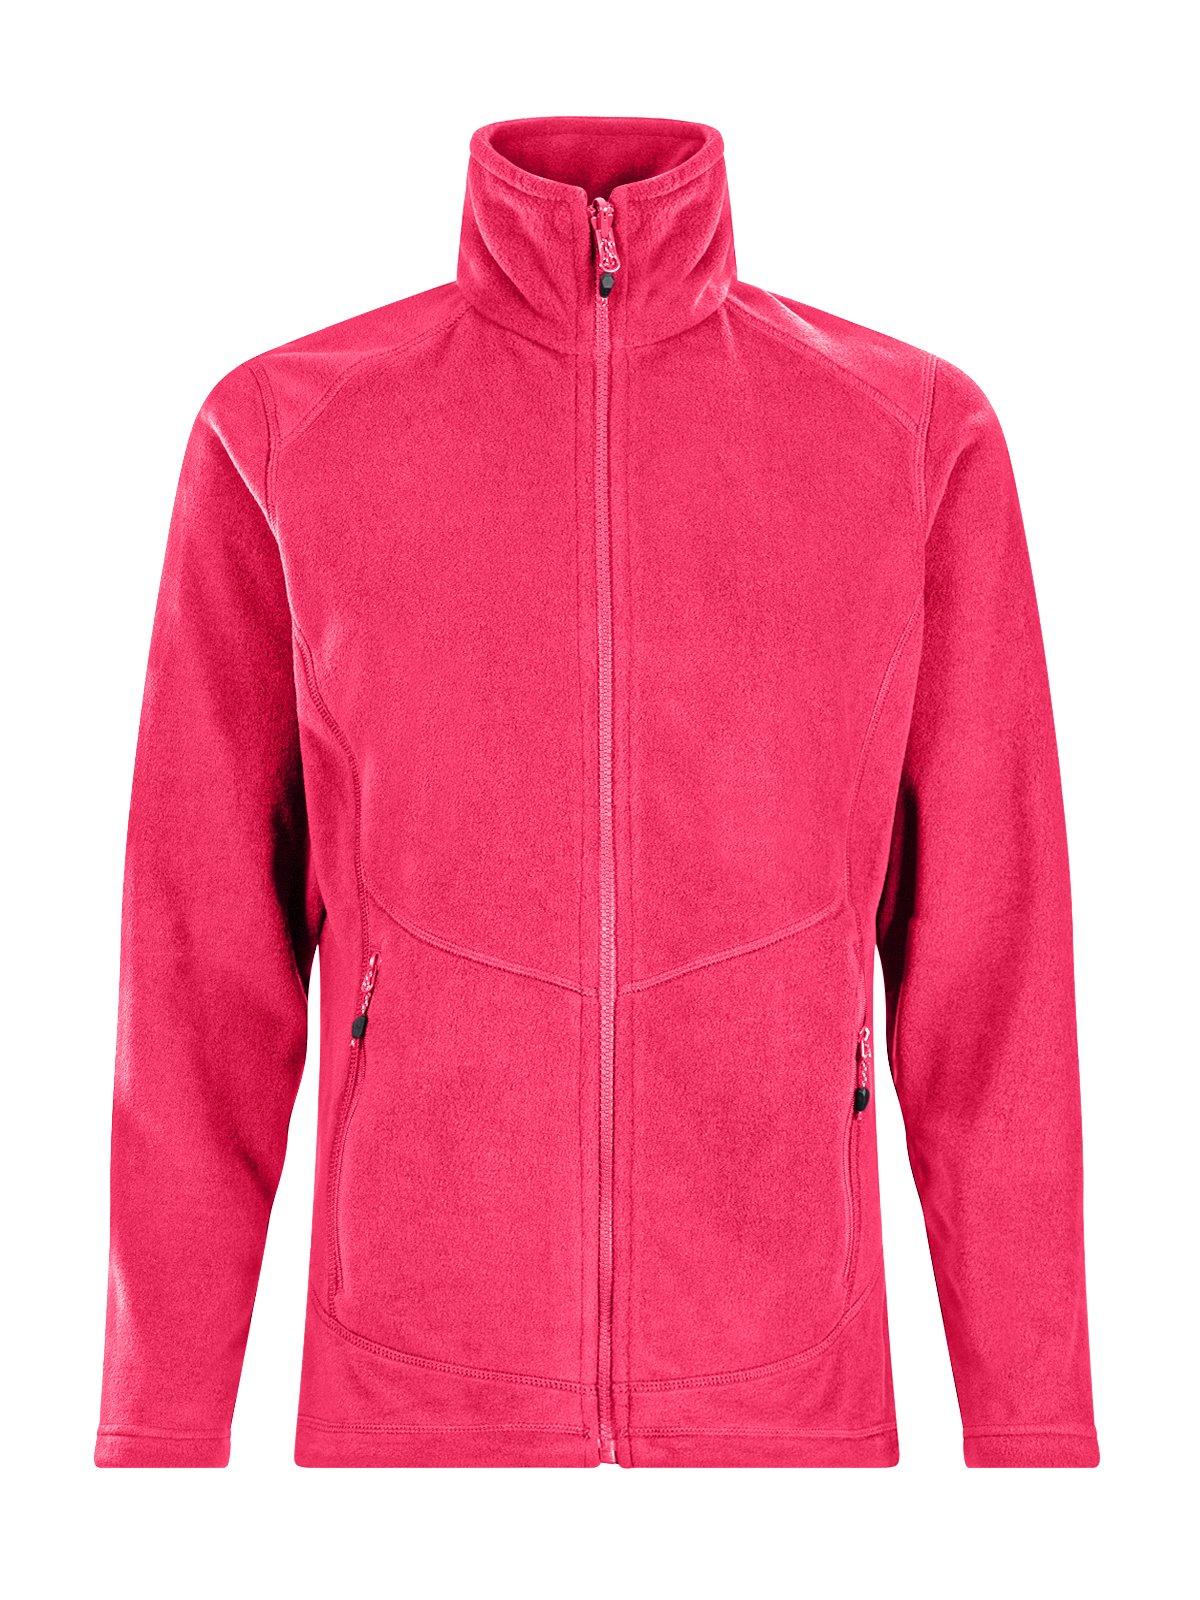 816fZBpFJSL - Berghaus Prism 2.0 Women's Fleece Jacket